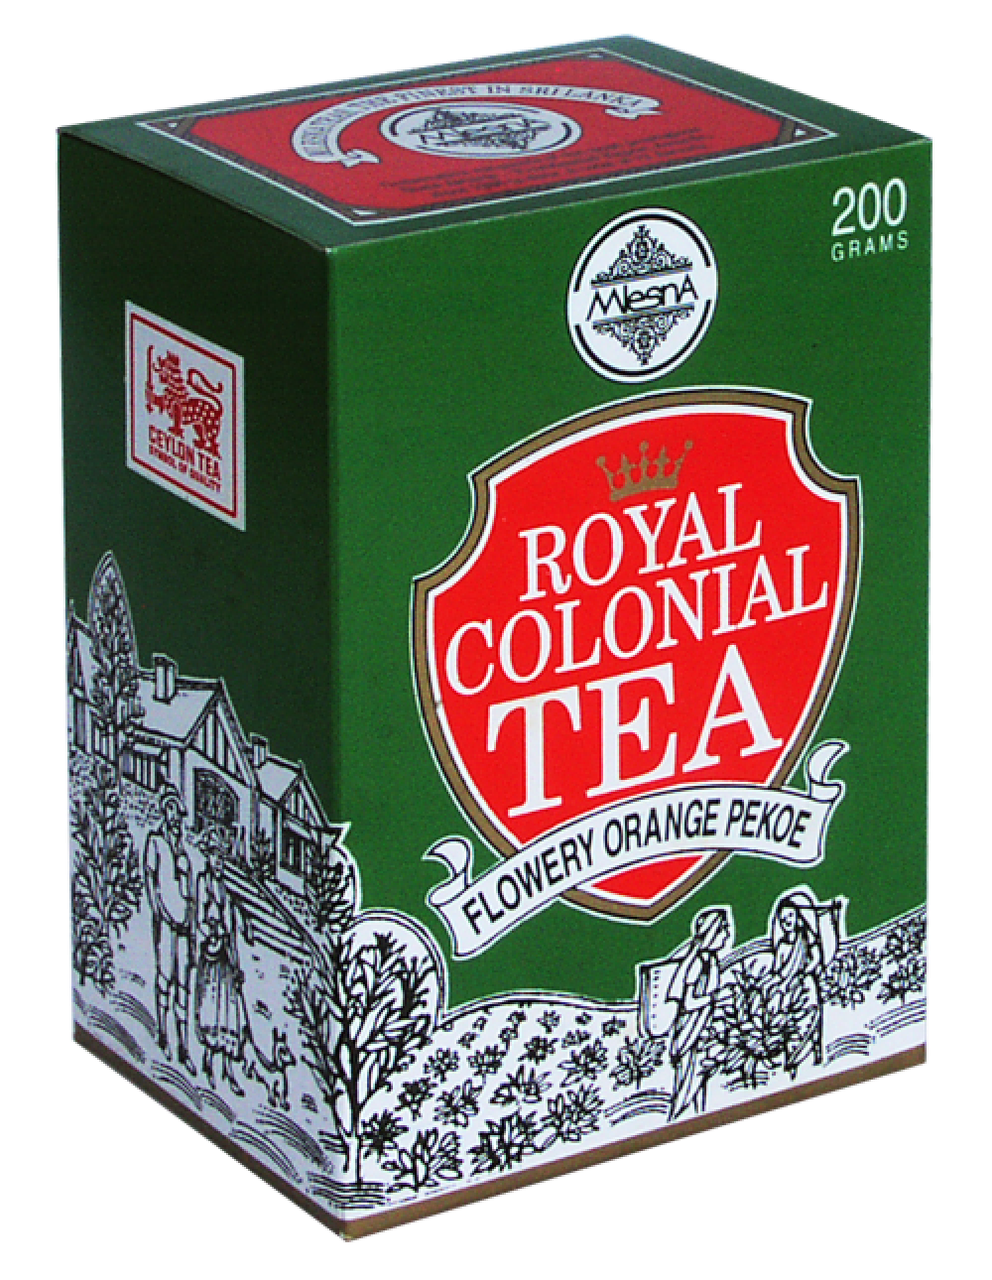 Черный чай Роял колониал, ROYAL COLONIAL, Млесна (Mlesna) 100г.